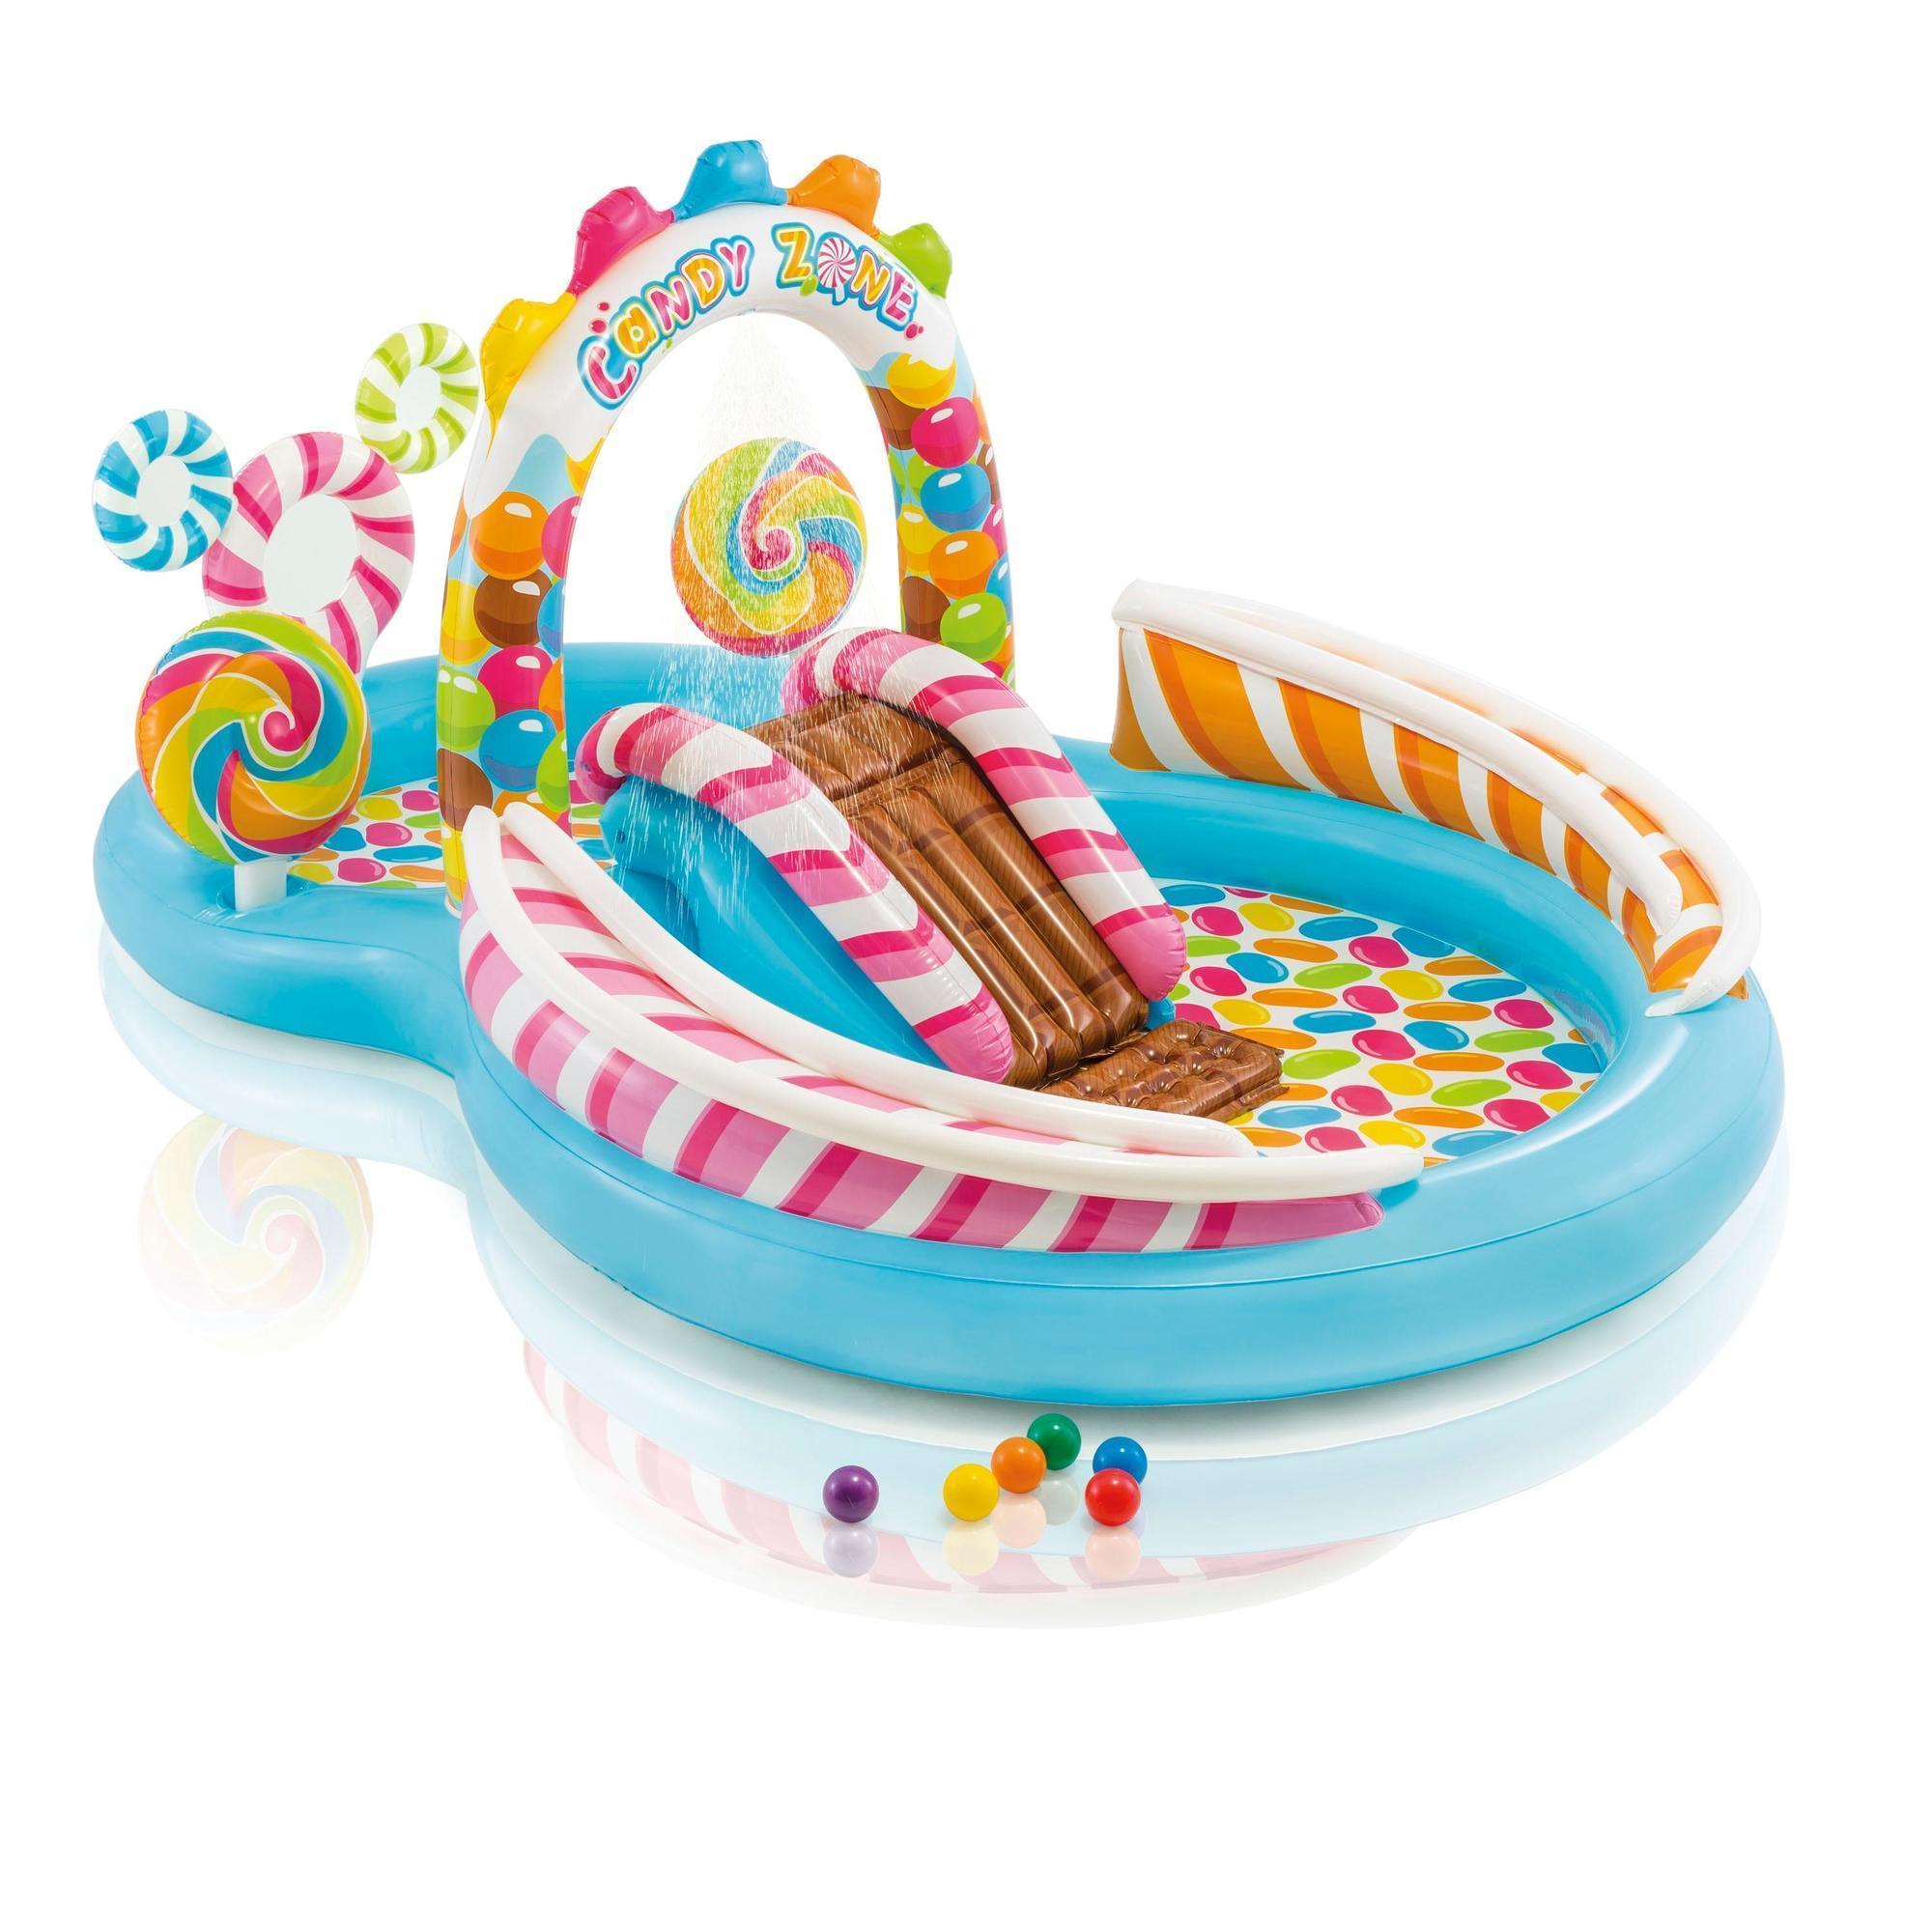 Piscine Parc Aquatique Intex Avec Toboggan Pour Les Enfants De Plus De 3 Ans dedans Piscine Intex Enfant